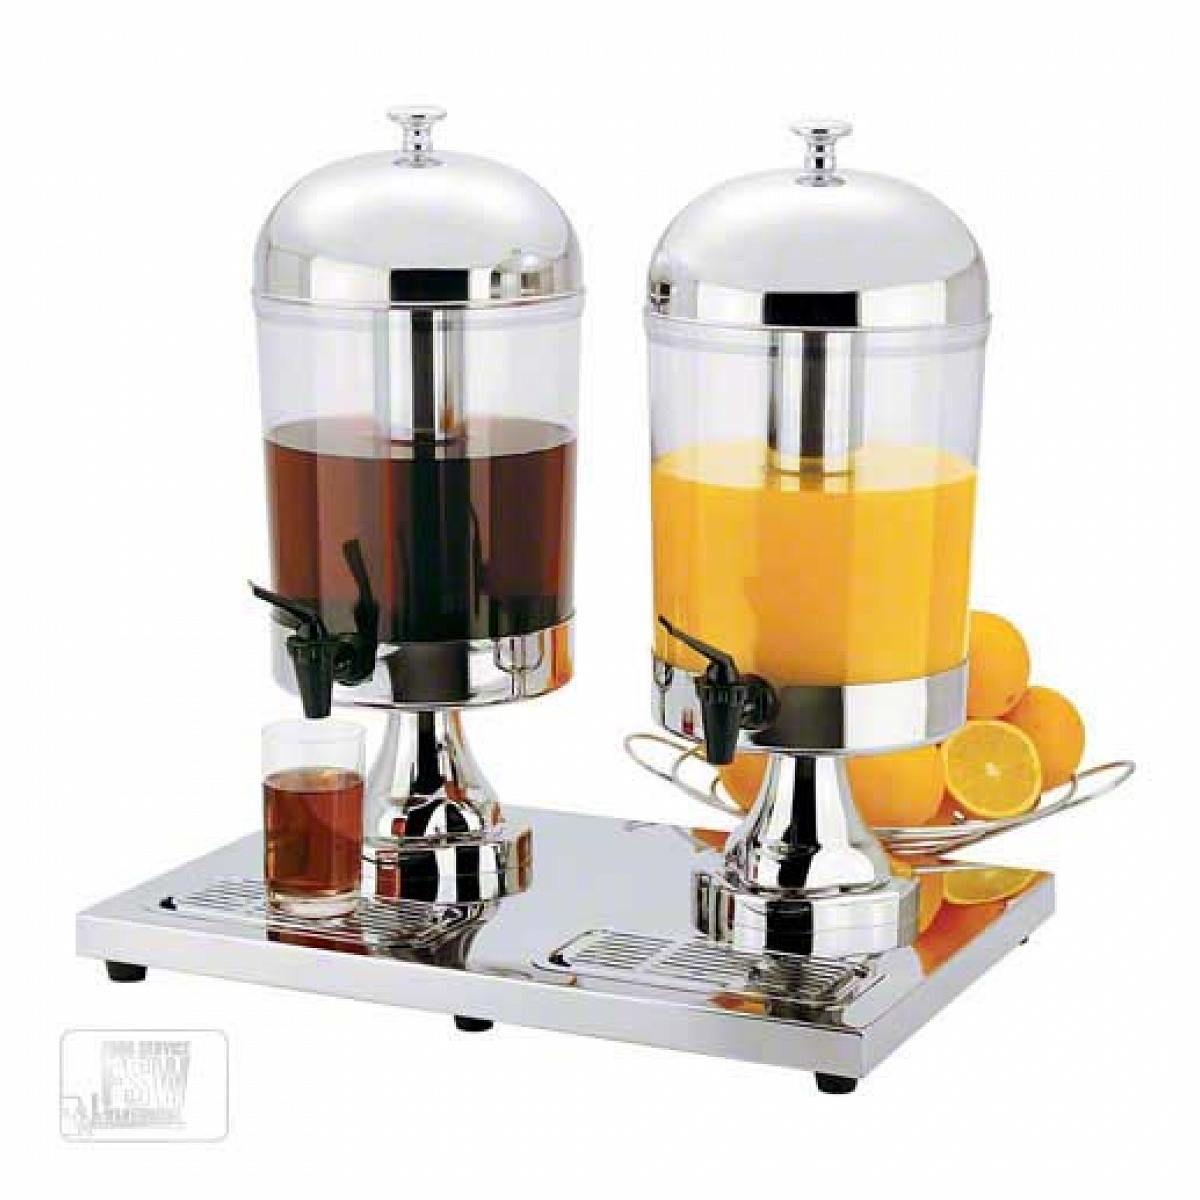 nice Focus Foodservice KPW9502 Dual beverage dispenser - 8.5 qt-8.0 l per dispenser,  #FocusFoodserviceJuicers&Blenders